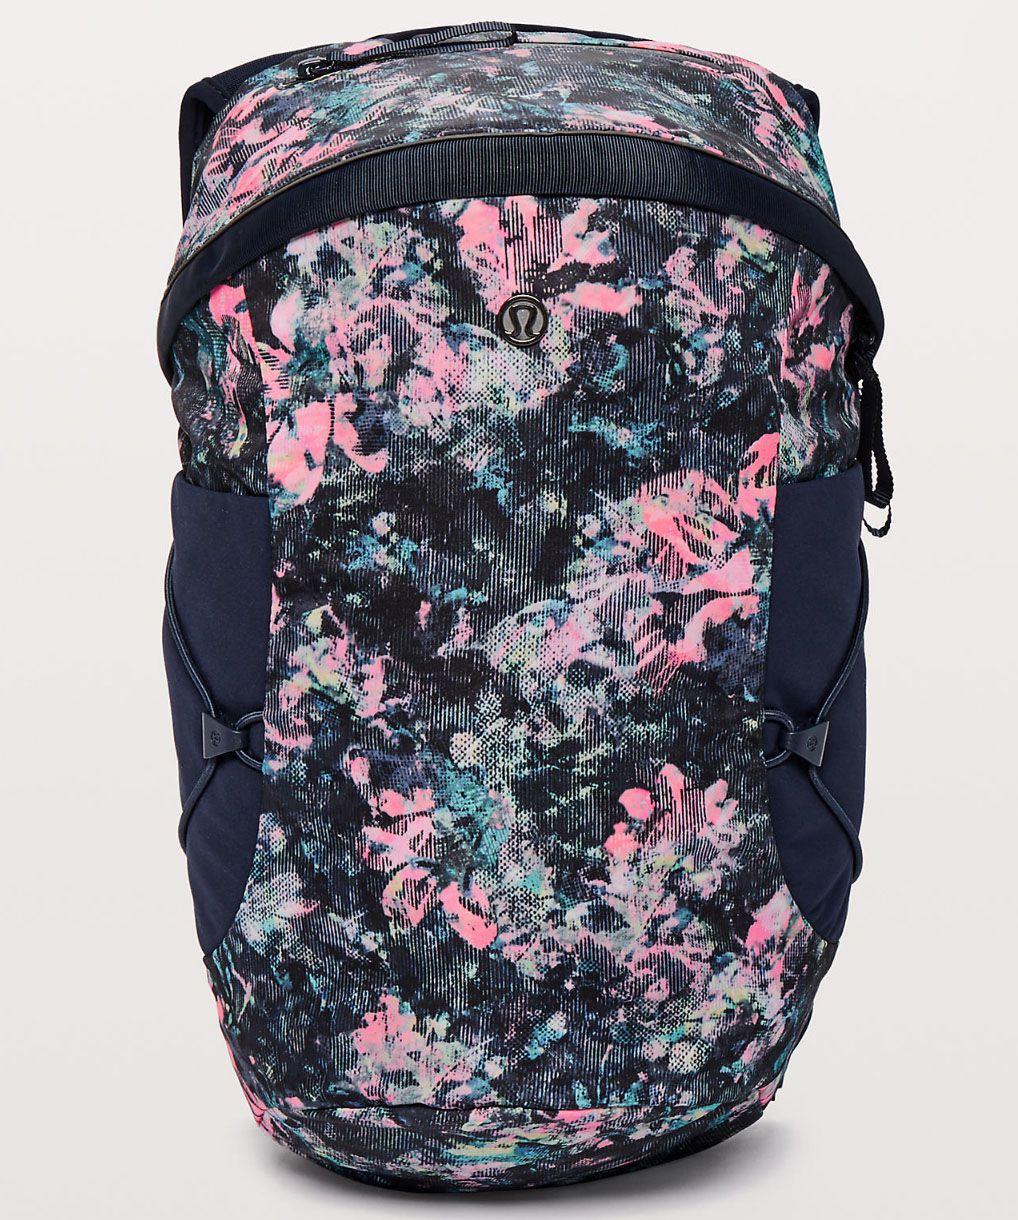 78f9860427 Backpacks for Running